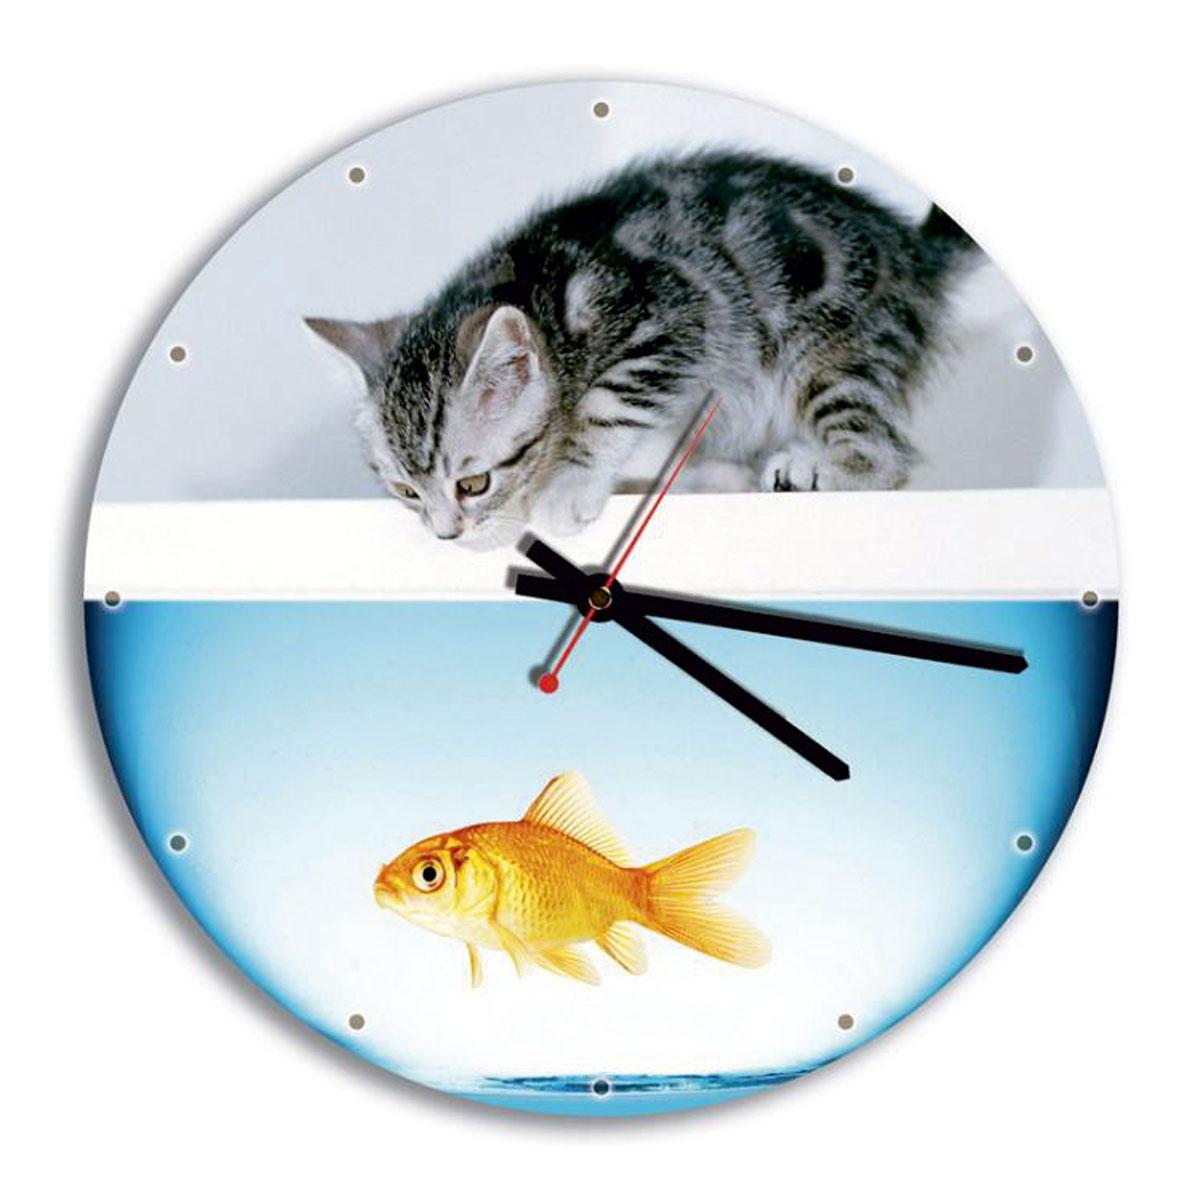 Часы настенные Miolla АквариумСК011 2085Оригинальные настенные часы круглой формы Miolla Аквариум выполнены из закаленного стекла. Часы имеют три стрелки - часовую, минутную и секундную. Необычное дизайнерское решение и качество исполнения придутся по вкусу каждому.Оформите свой дом таким интерьерным аксессуаром или преподнесите его в качестве презента друзьям, и они оценят ваш оригинальный вкус и неординарность подарка. Часы работают от 1 батарейки типа АА напряжением 1,5 В.Диаметр часов: 28 см.